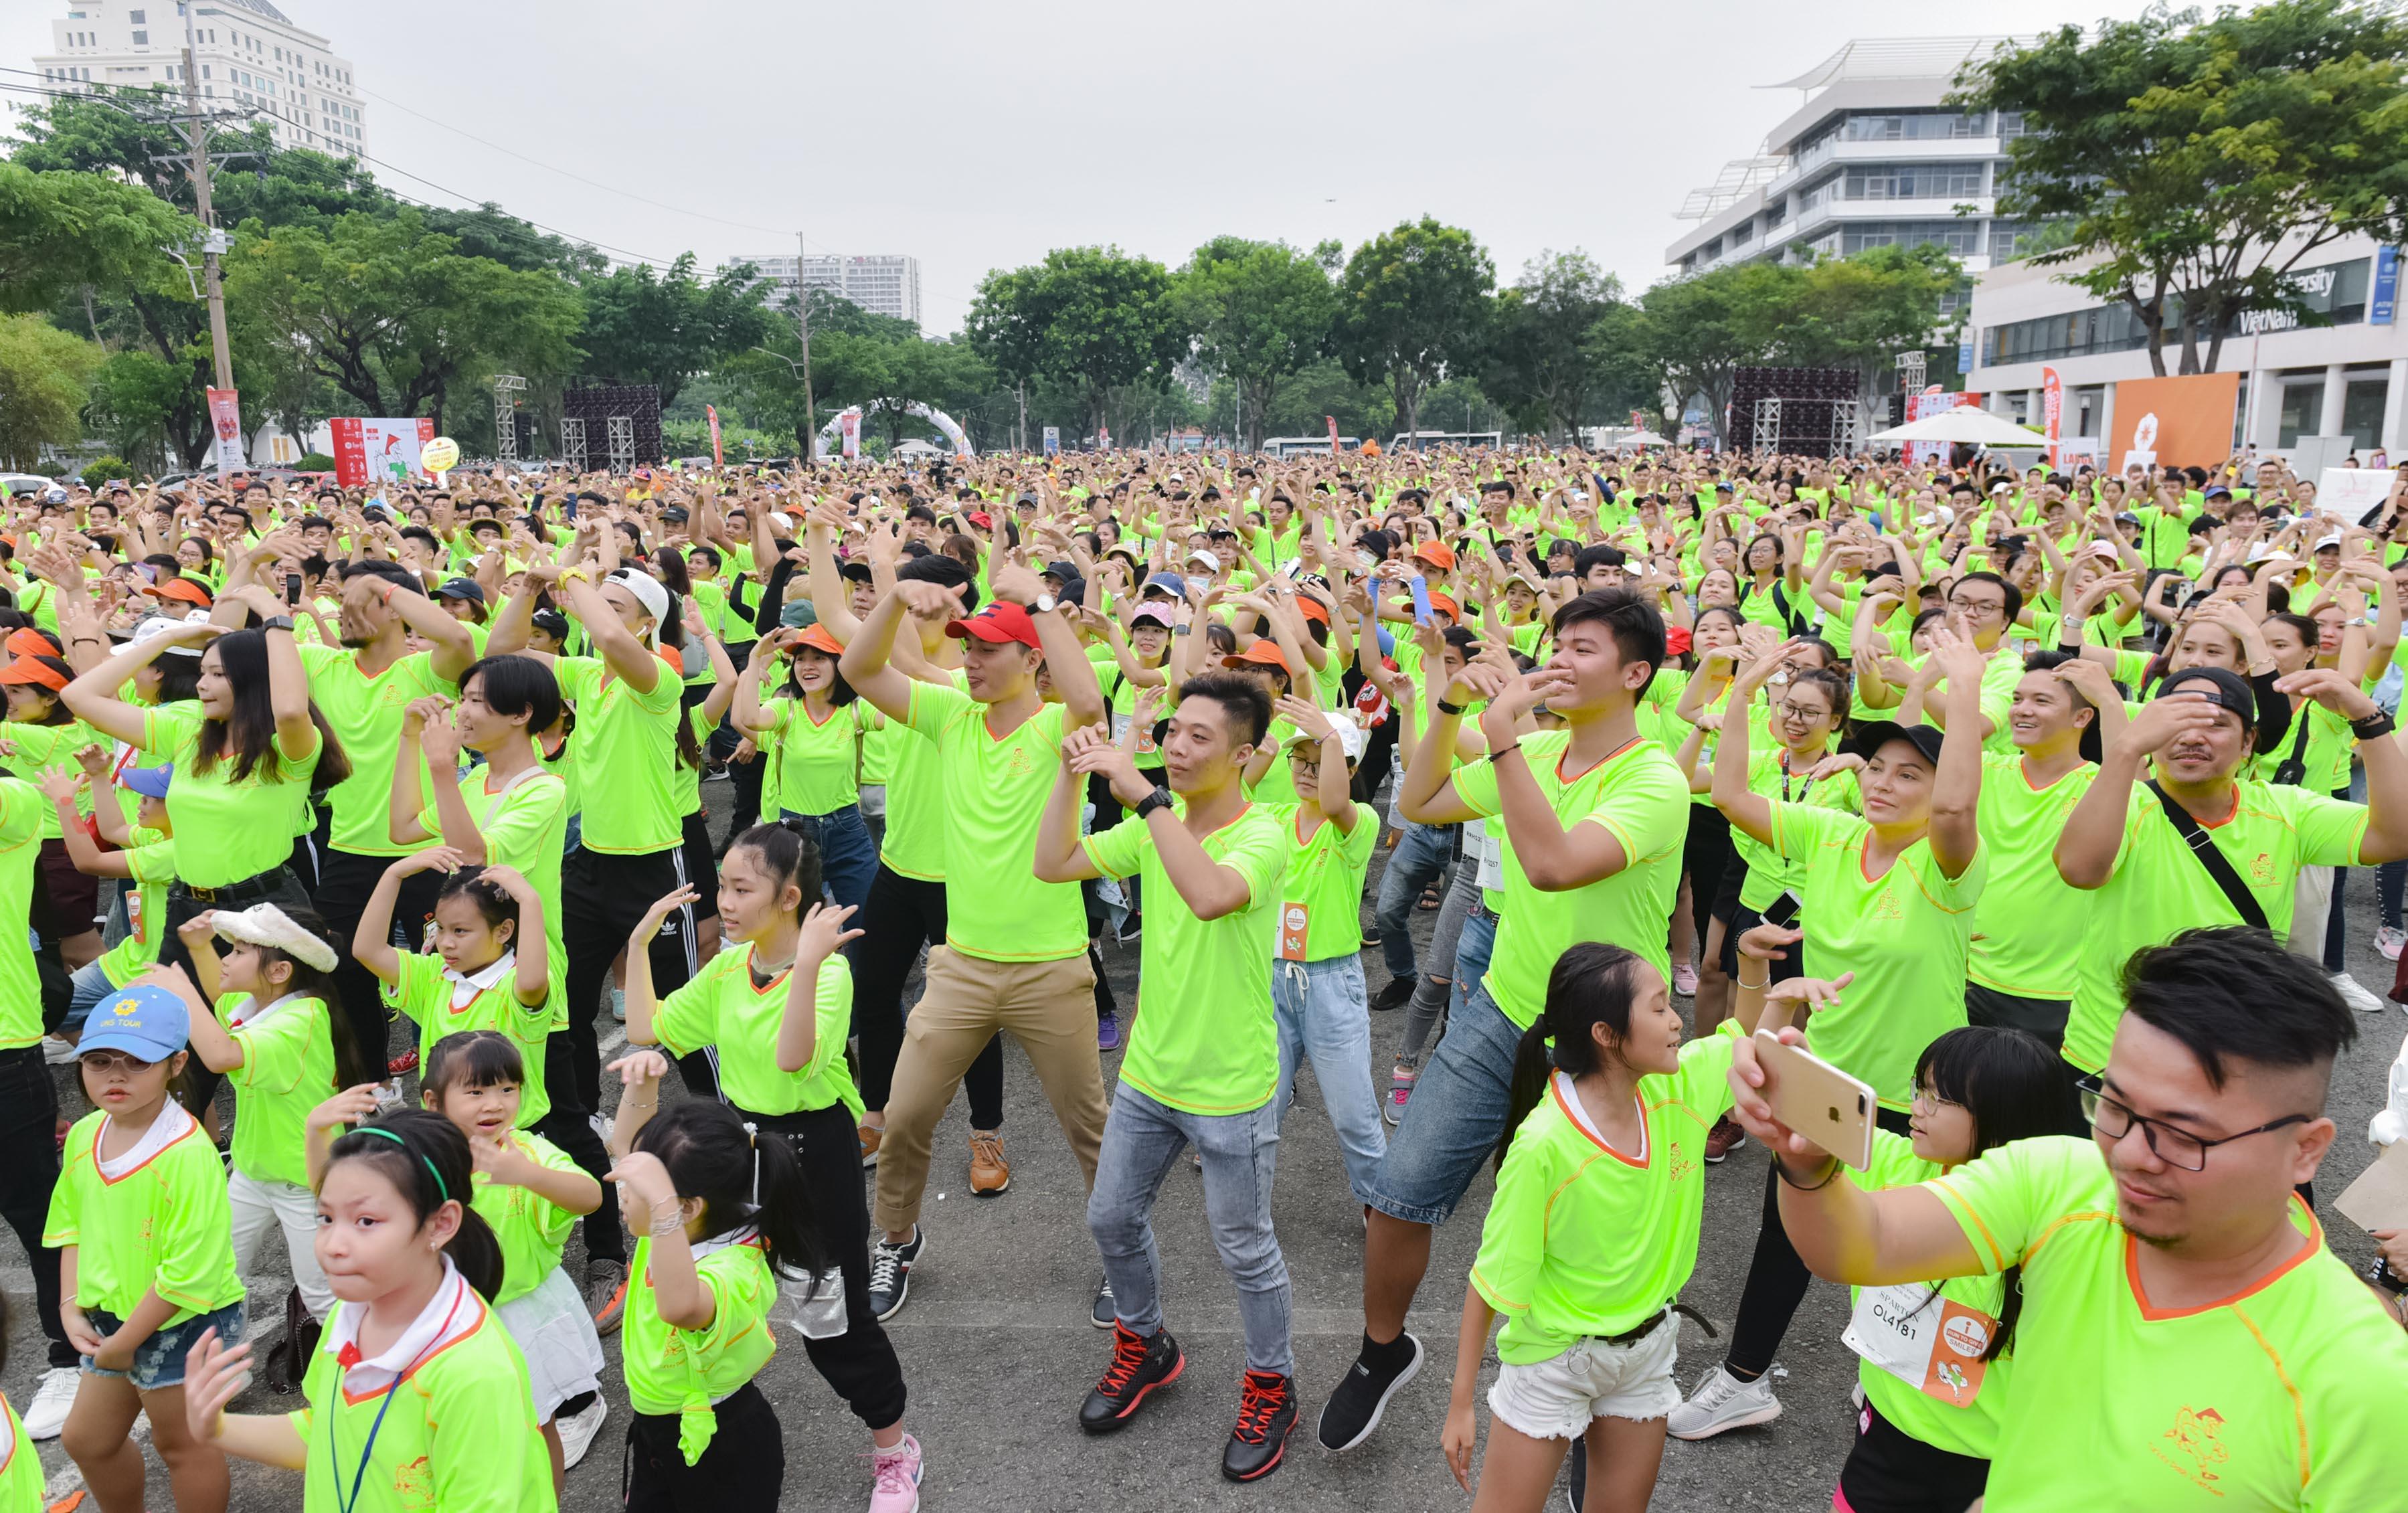 Cao Xuân Tài cùng dàn người mẫu Vietnam Fitness Model chạy bộ gây quỹ